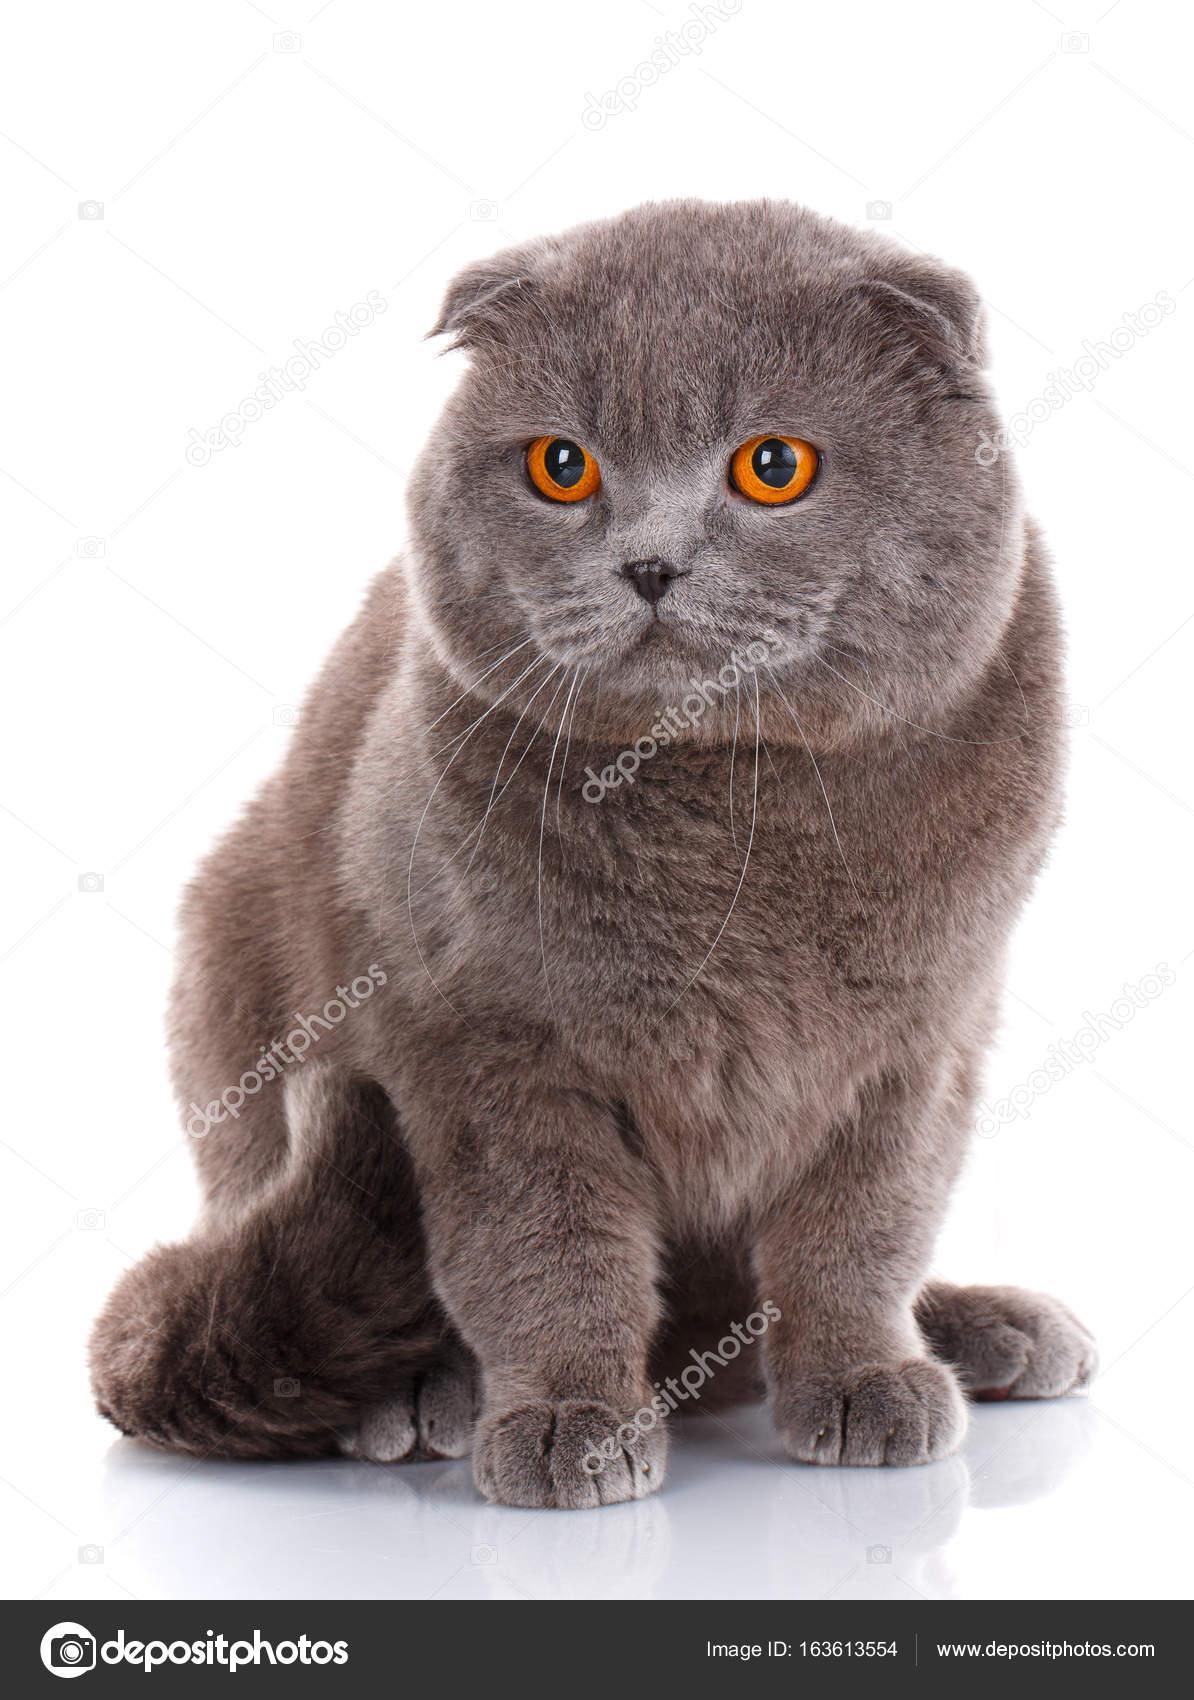 Gatto britannico shorthair grigio con gli occhi gialli luminosi isolato su  sfondo bianco \u2014 Foto di serkucher